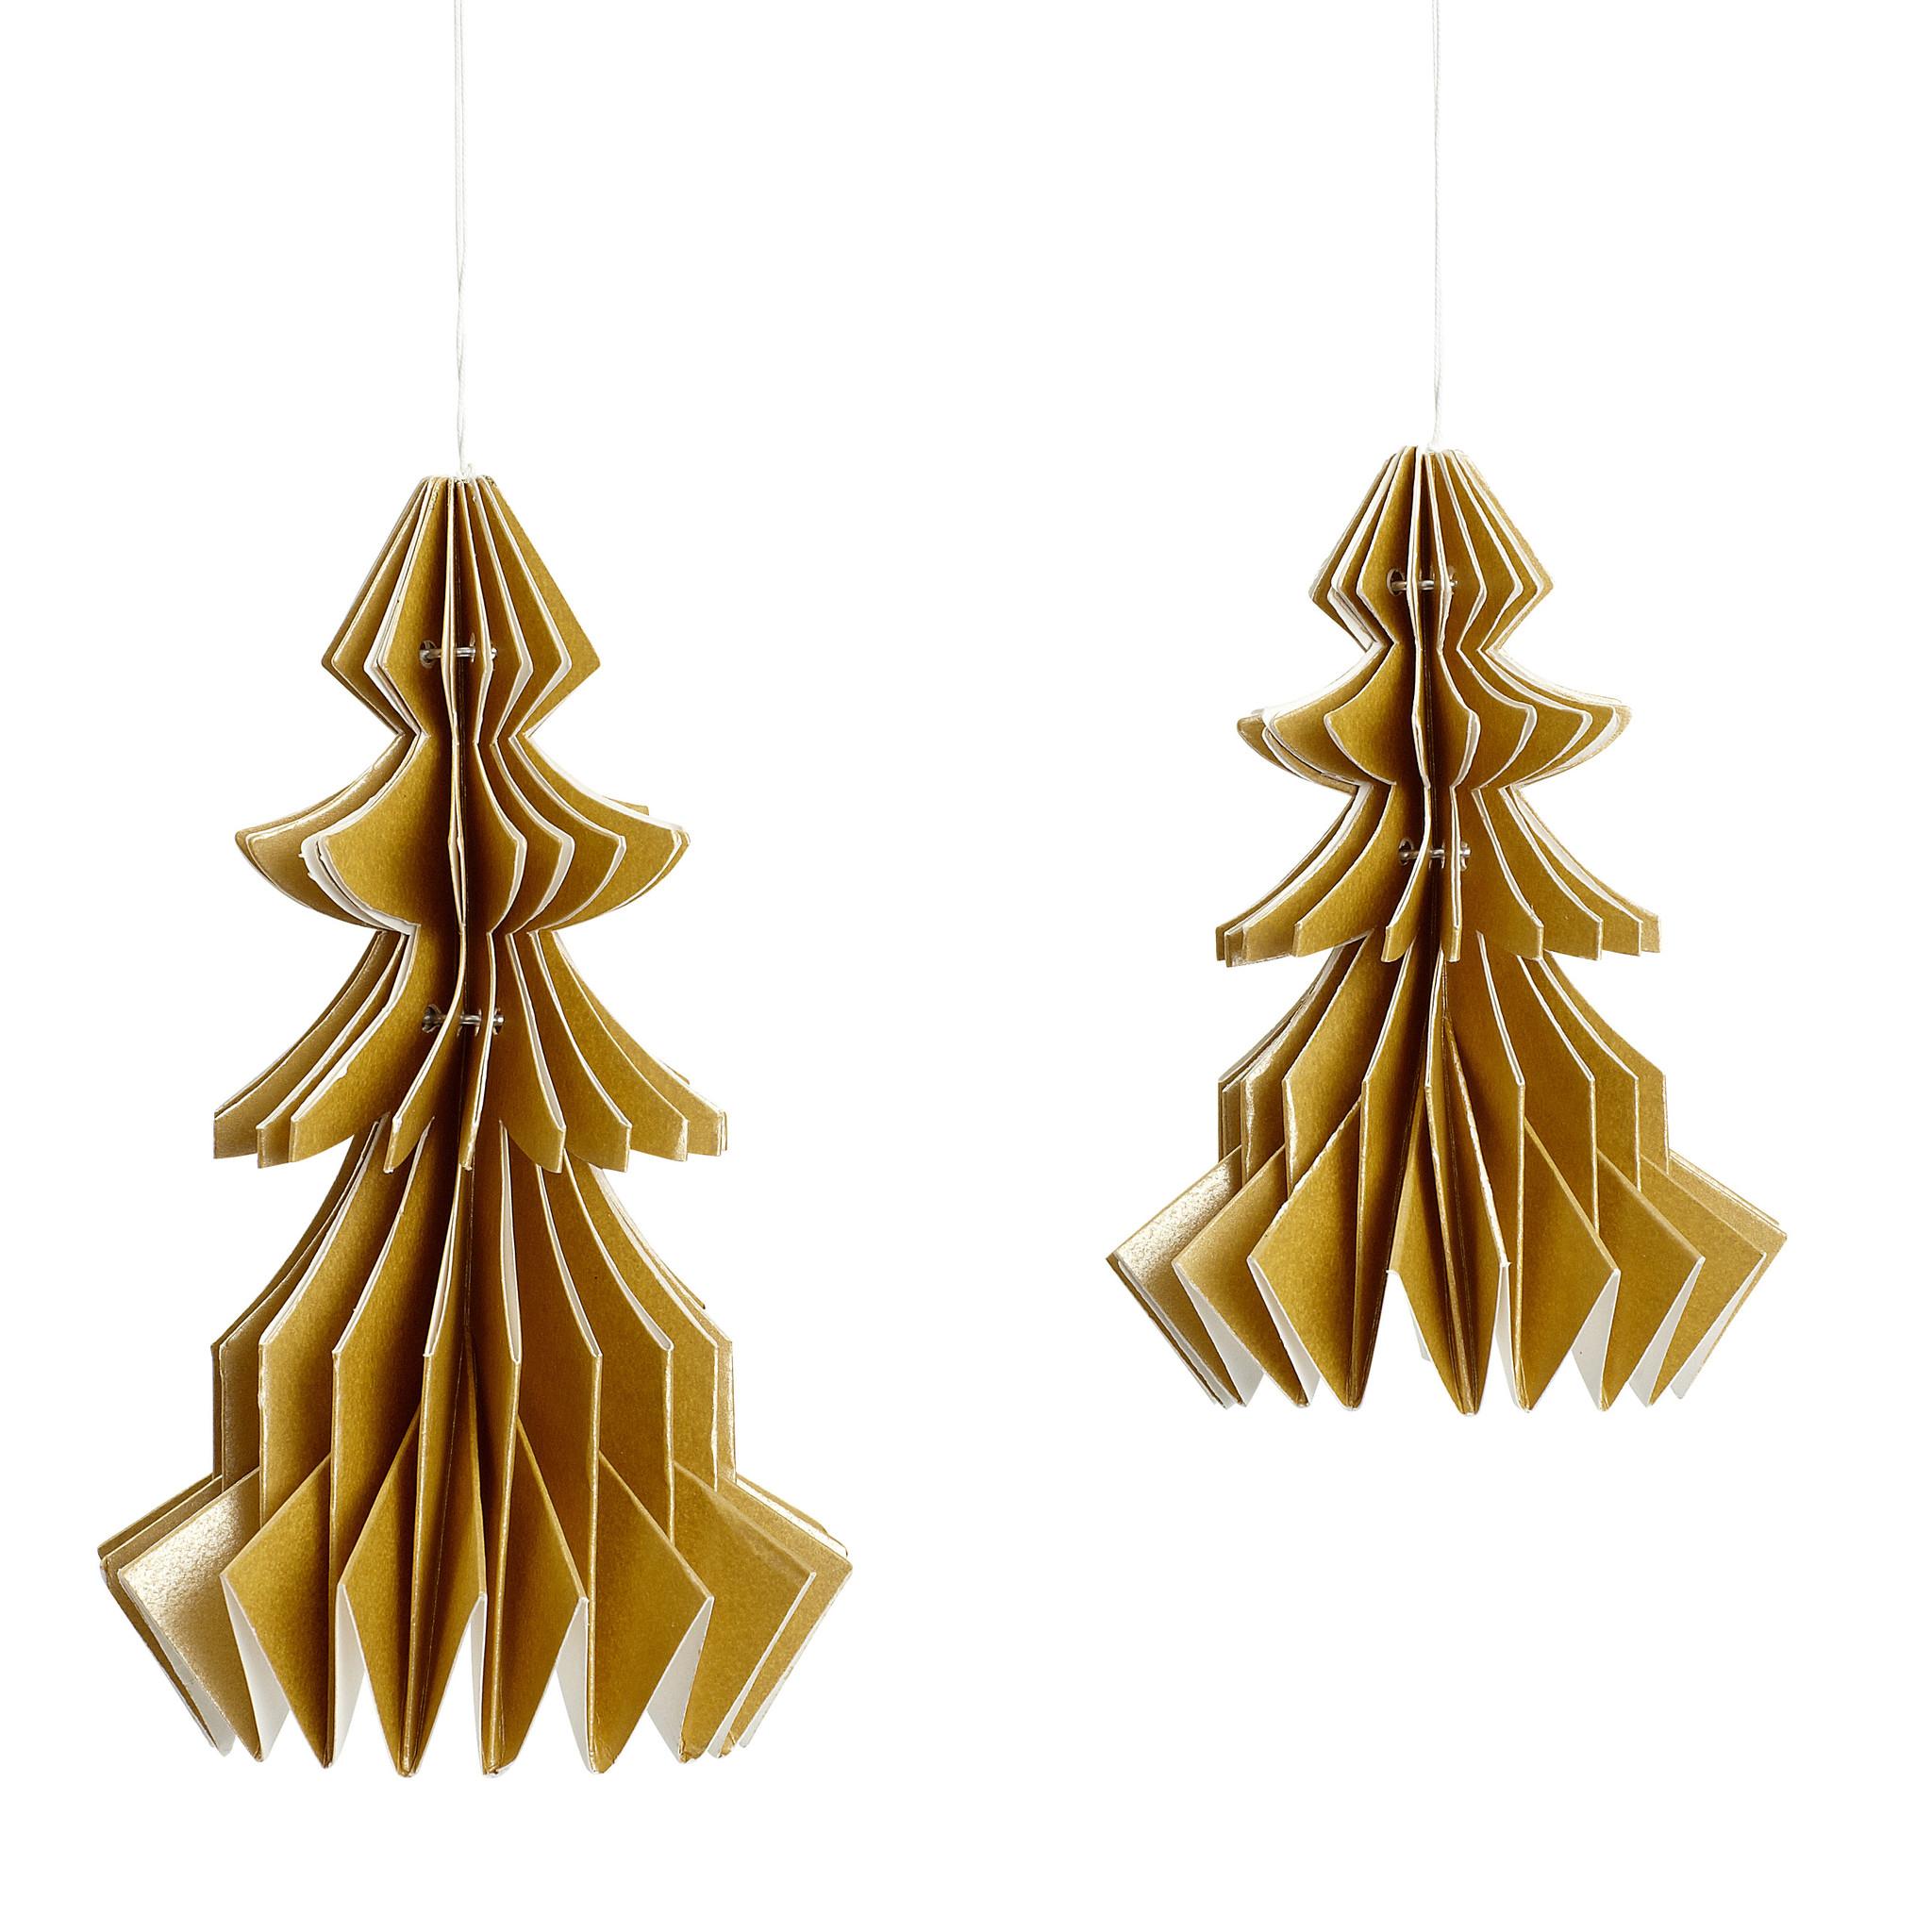 Hubsch Kerstboom om op te hangen, handgevouwen papier, goud, set van 2